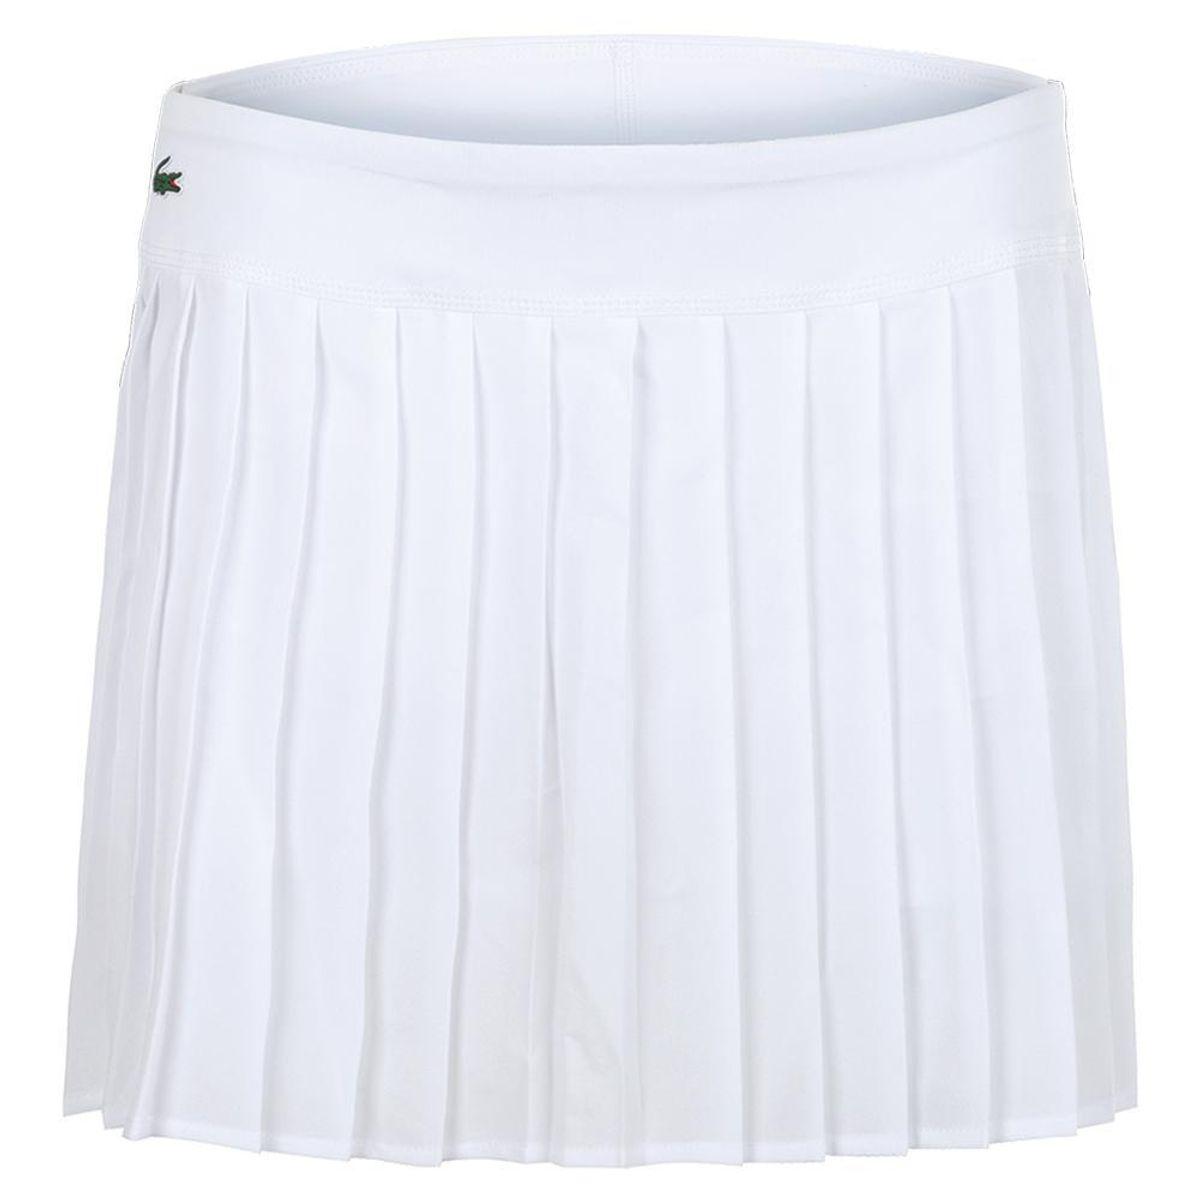 Women's Technical Lightweight Pleated Tennis Skirt